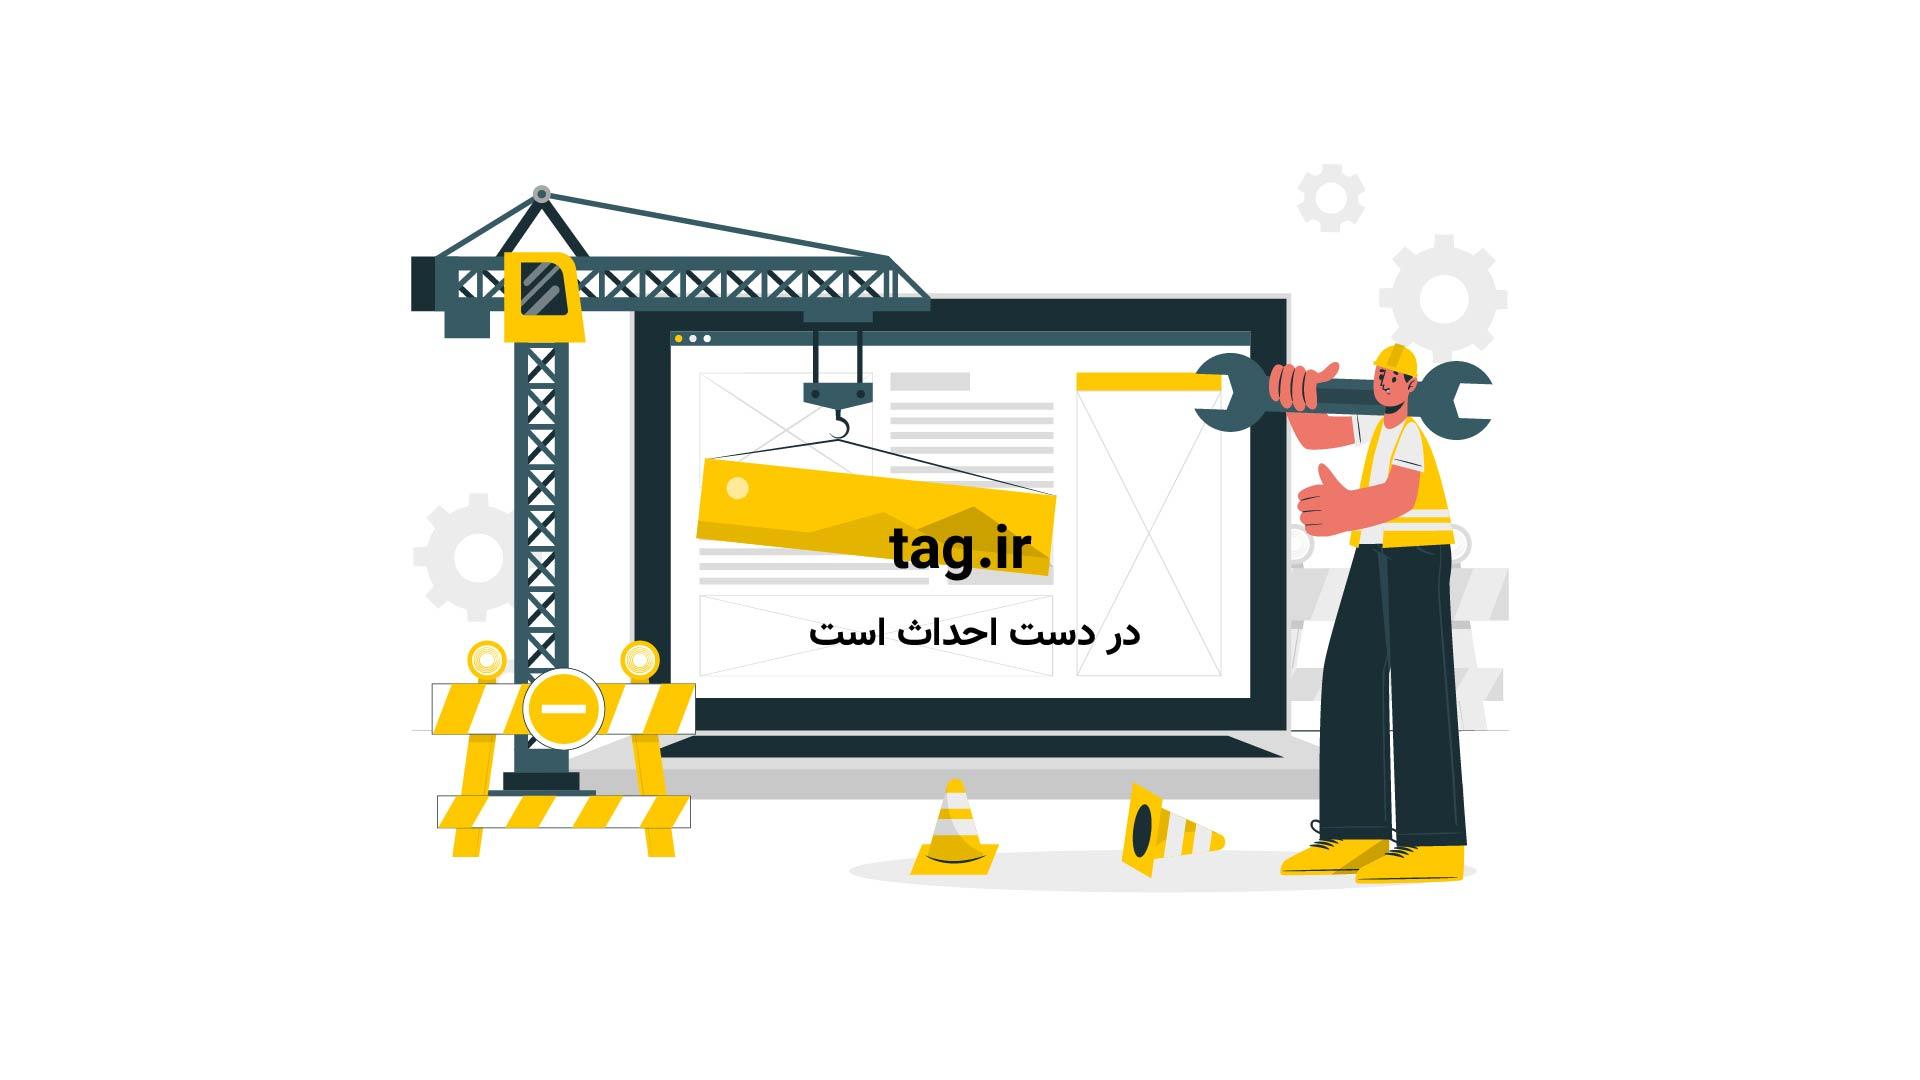 ناگفته هایی از زلزله بزرگ سانفرانسیسکو در سال 1906 میلادی   فیلم